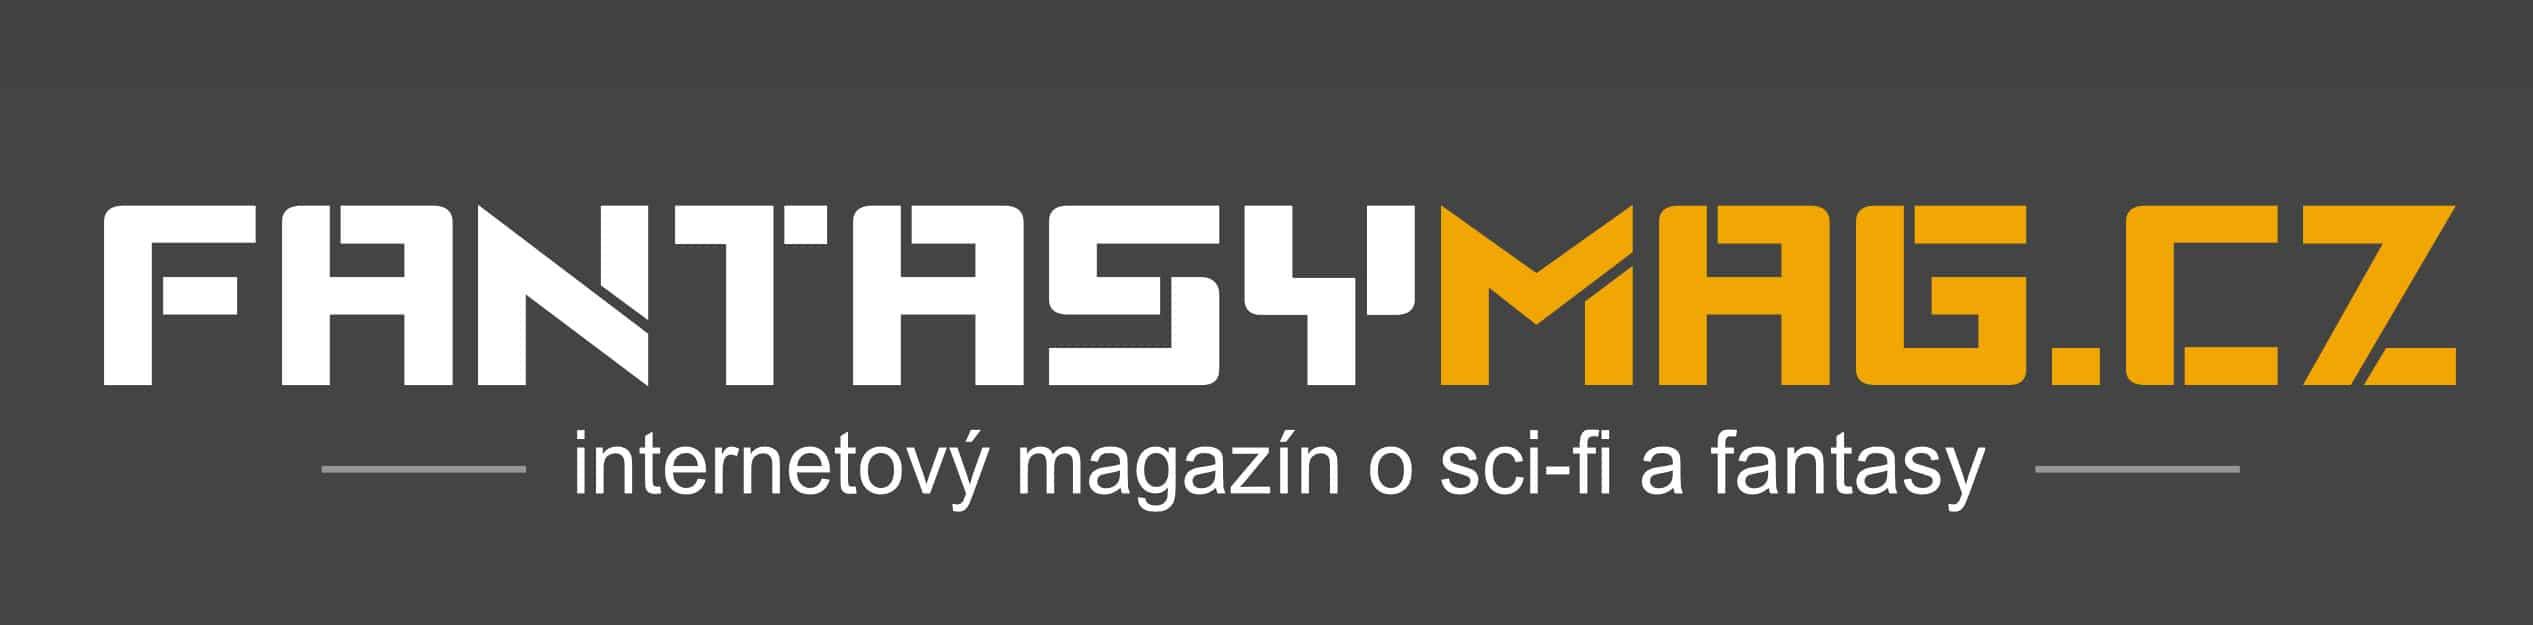 Fantasymag.cz